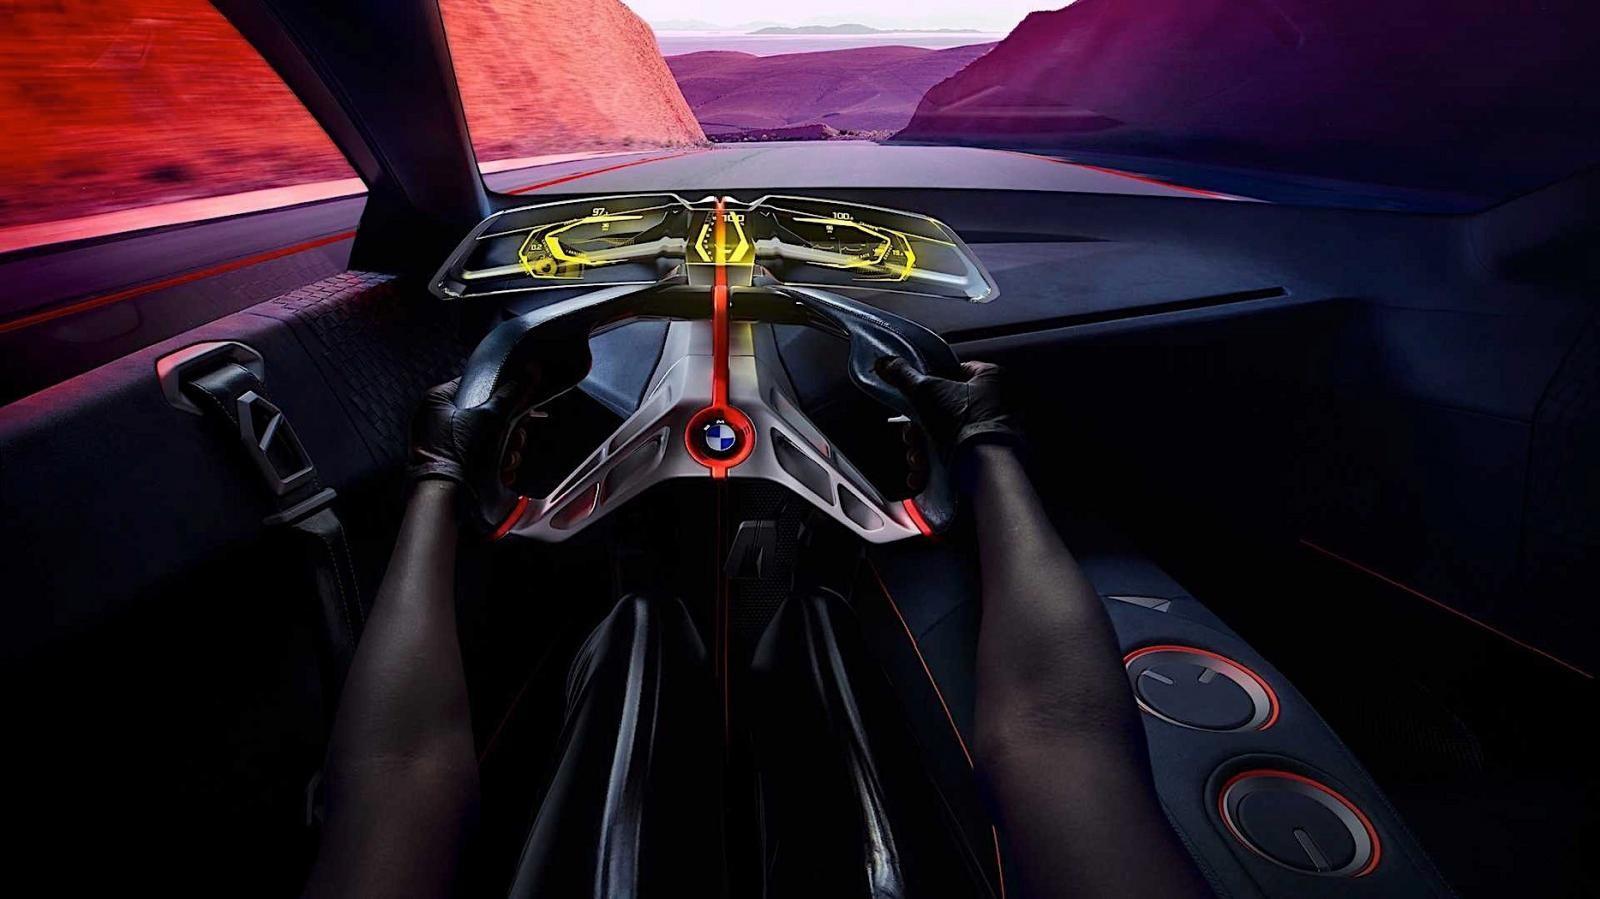 Trang bị khoang lái của xe mang đậm tính tương lai